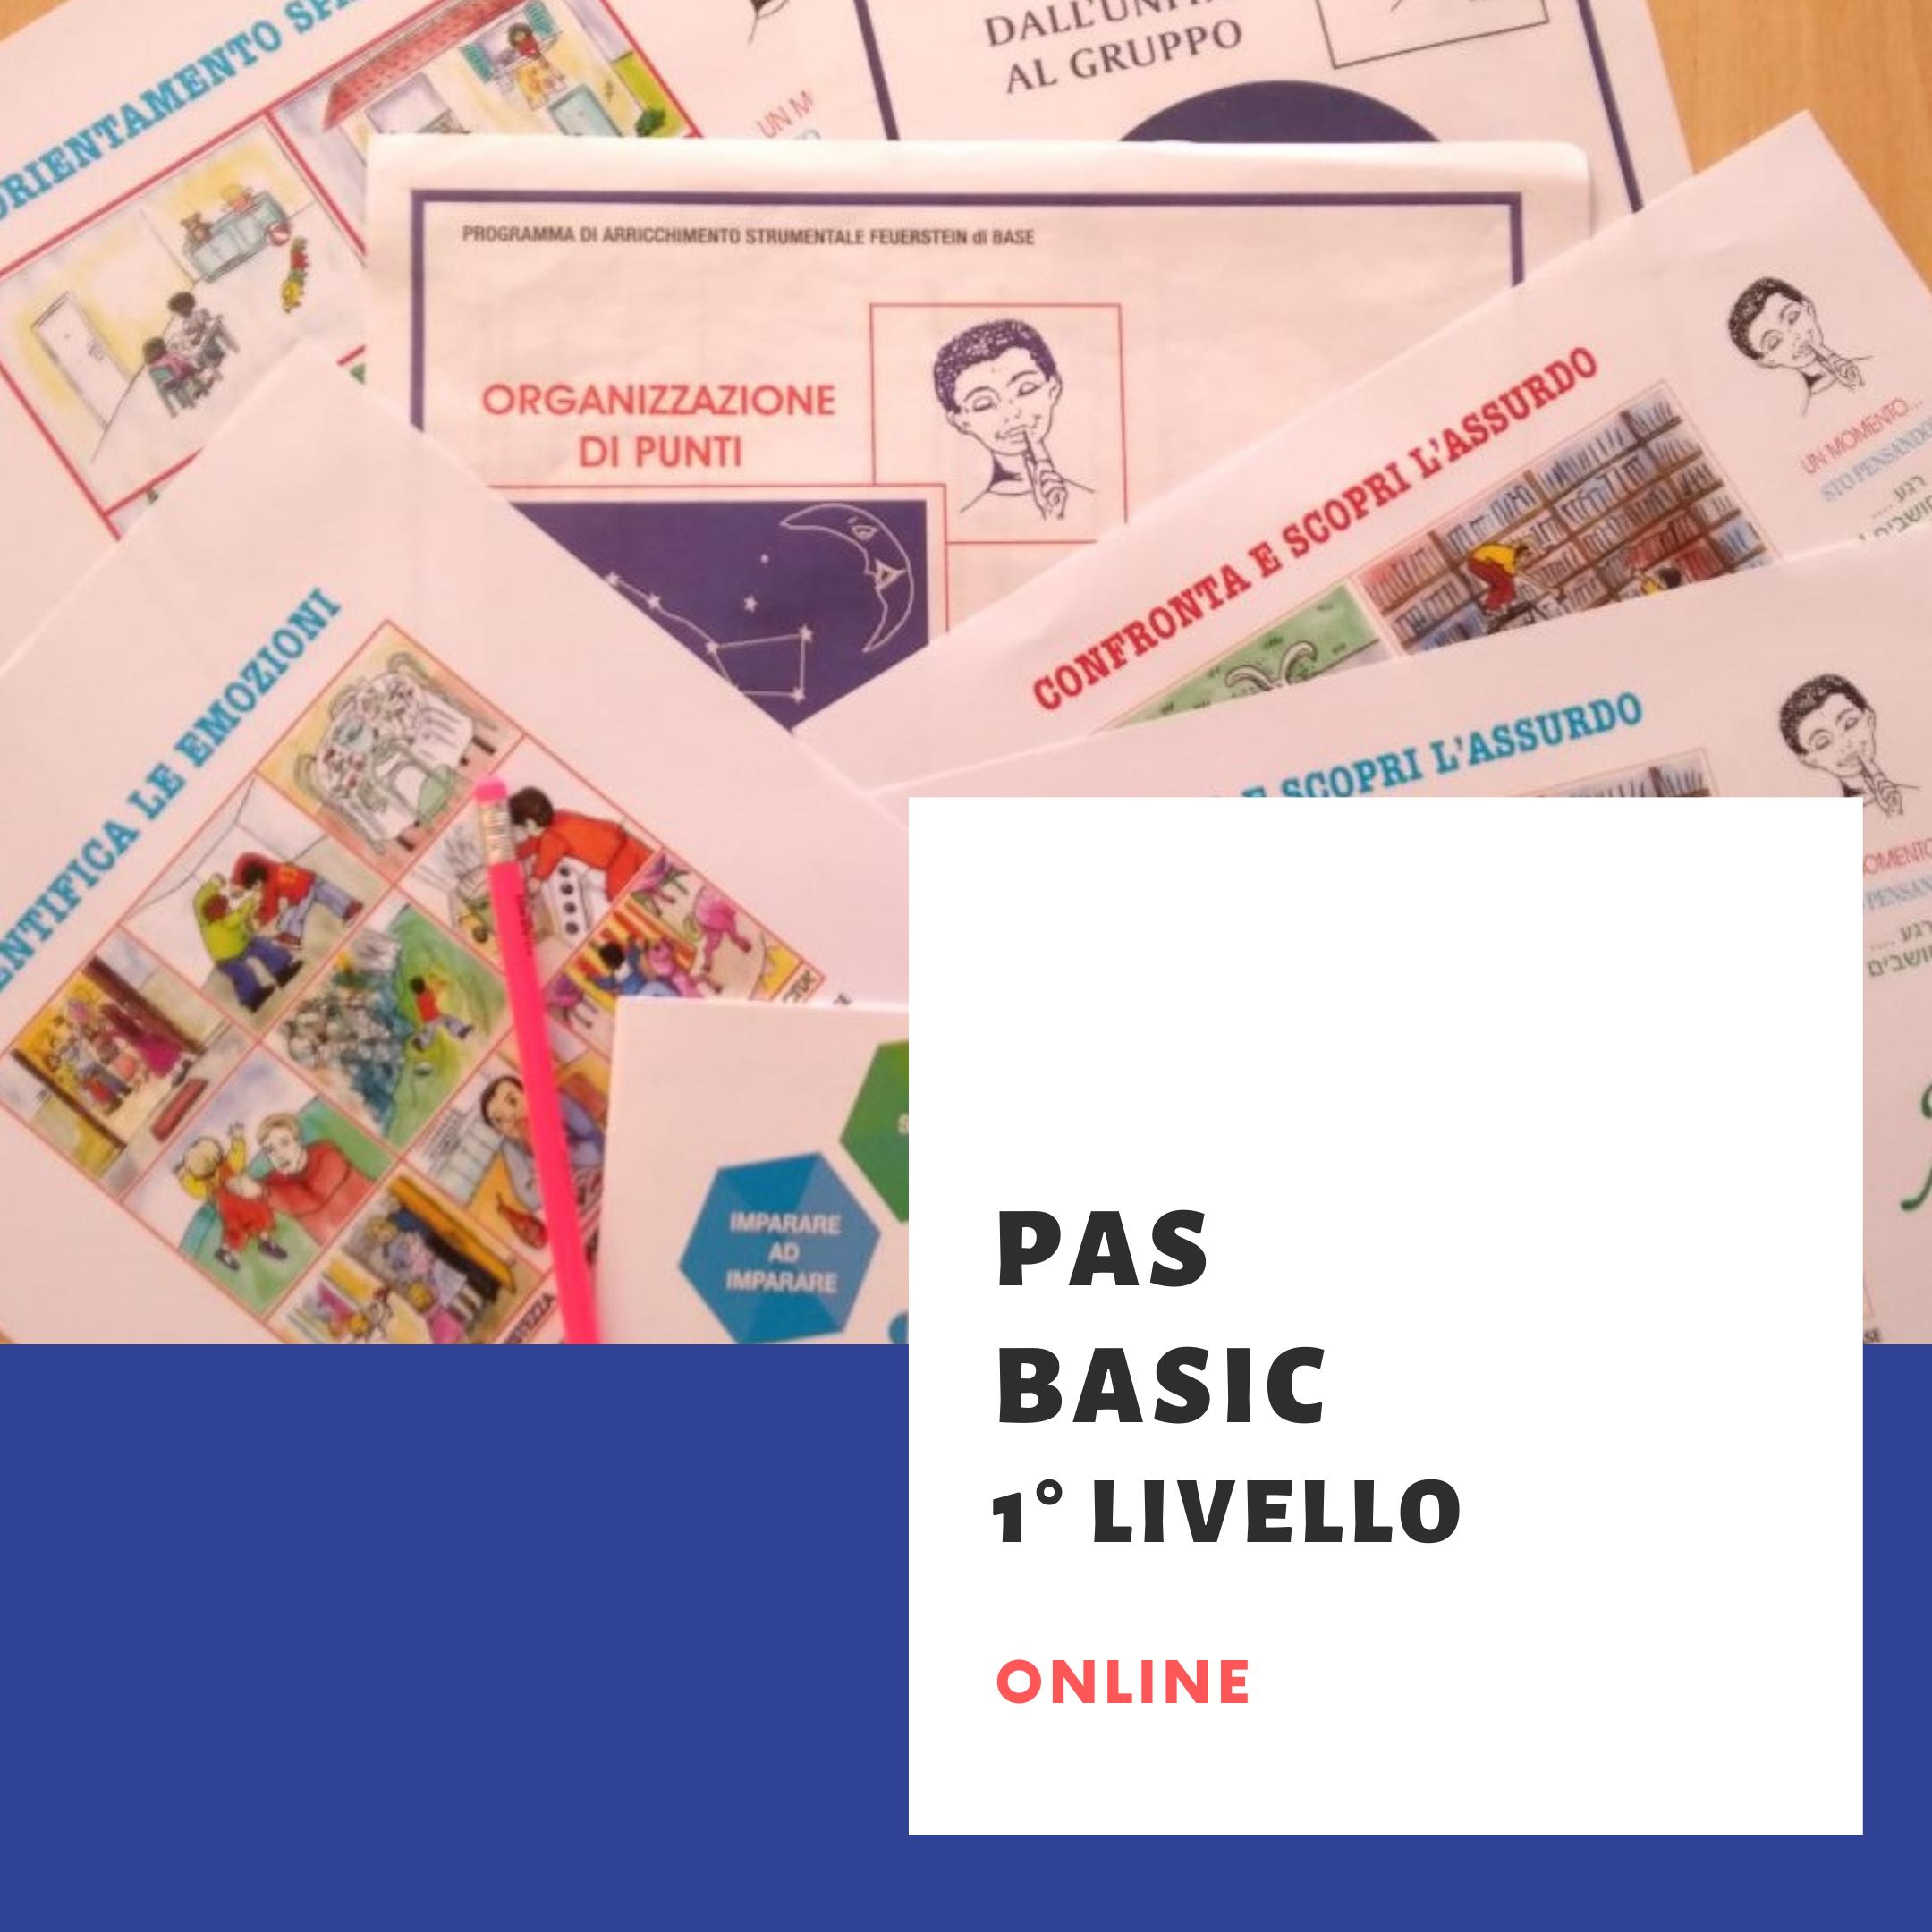 PAS BASIC 1° livello online settembre 2021 - LISTA D'ATTESA